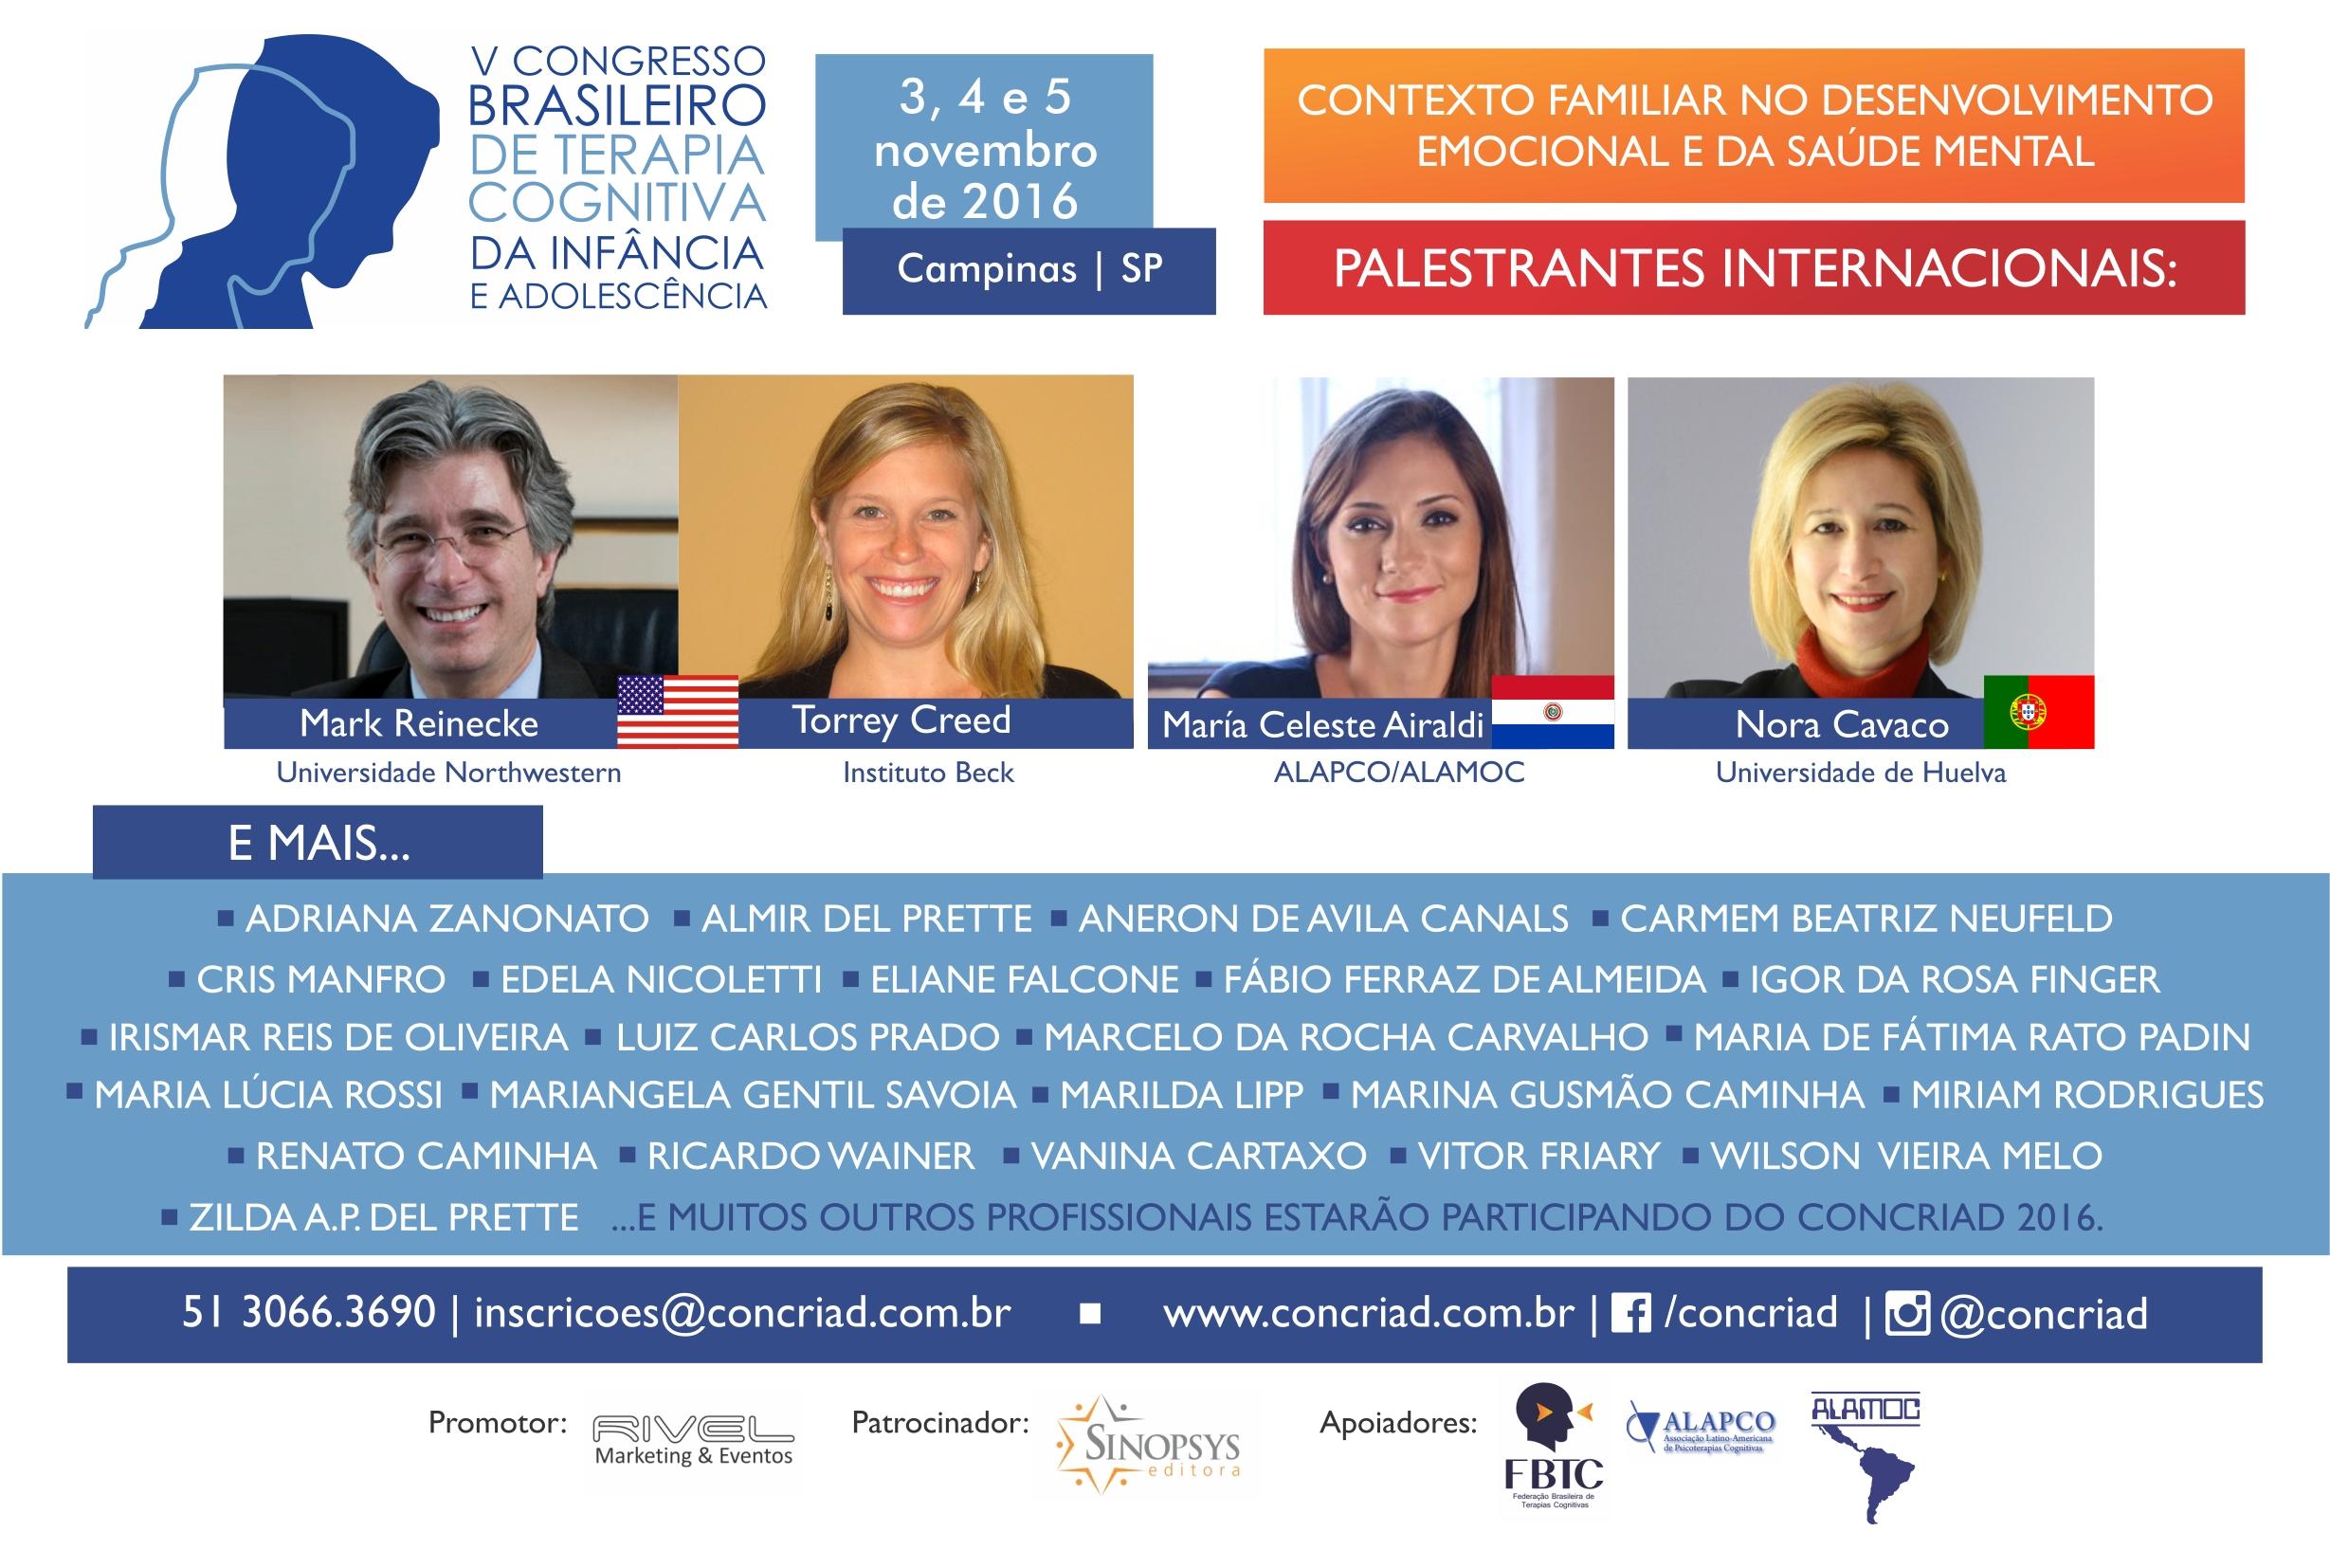 CONCRIAD 2016 - V Congresso Brasileiro de Terapia Cognitiva da Infância e Adolescência